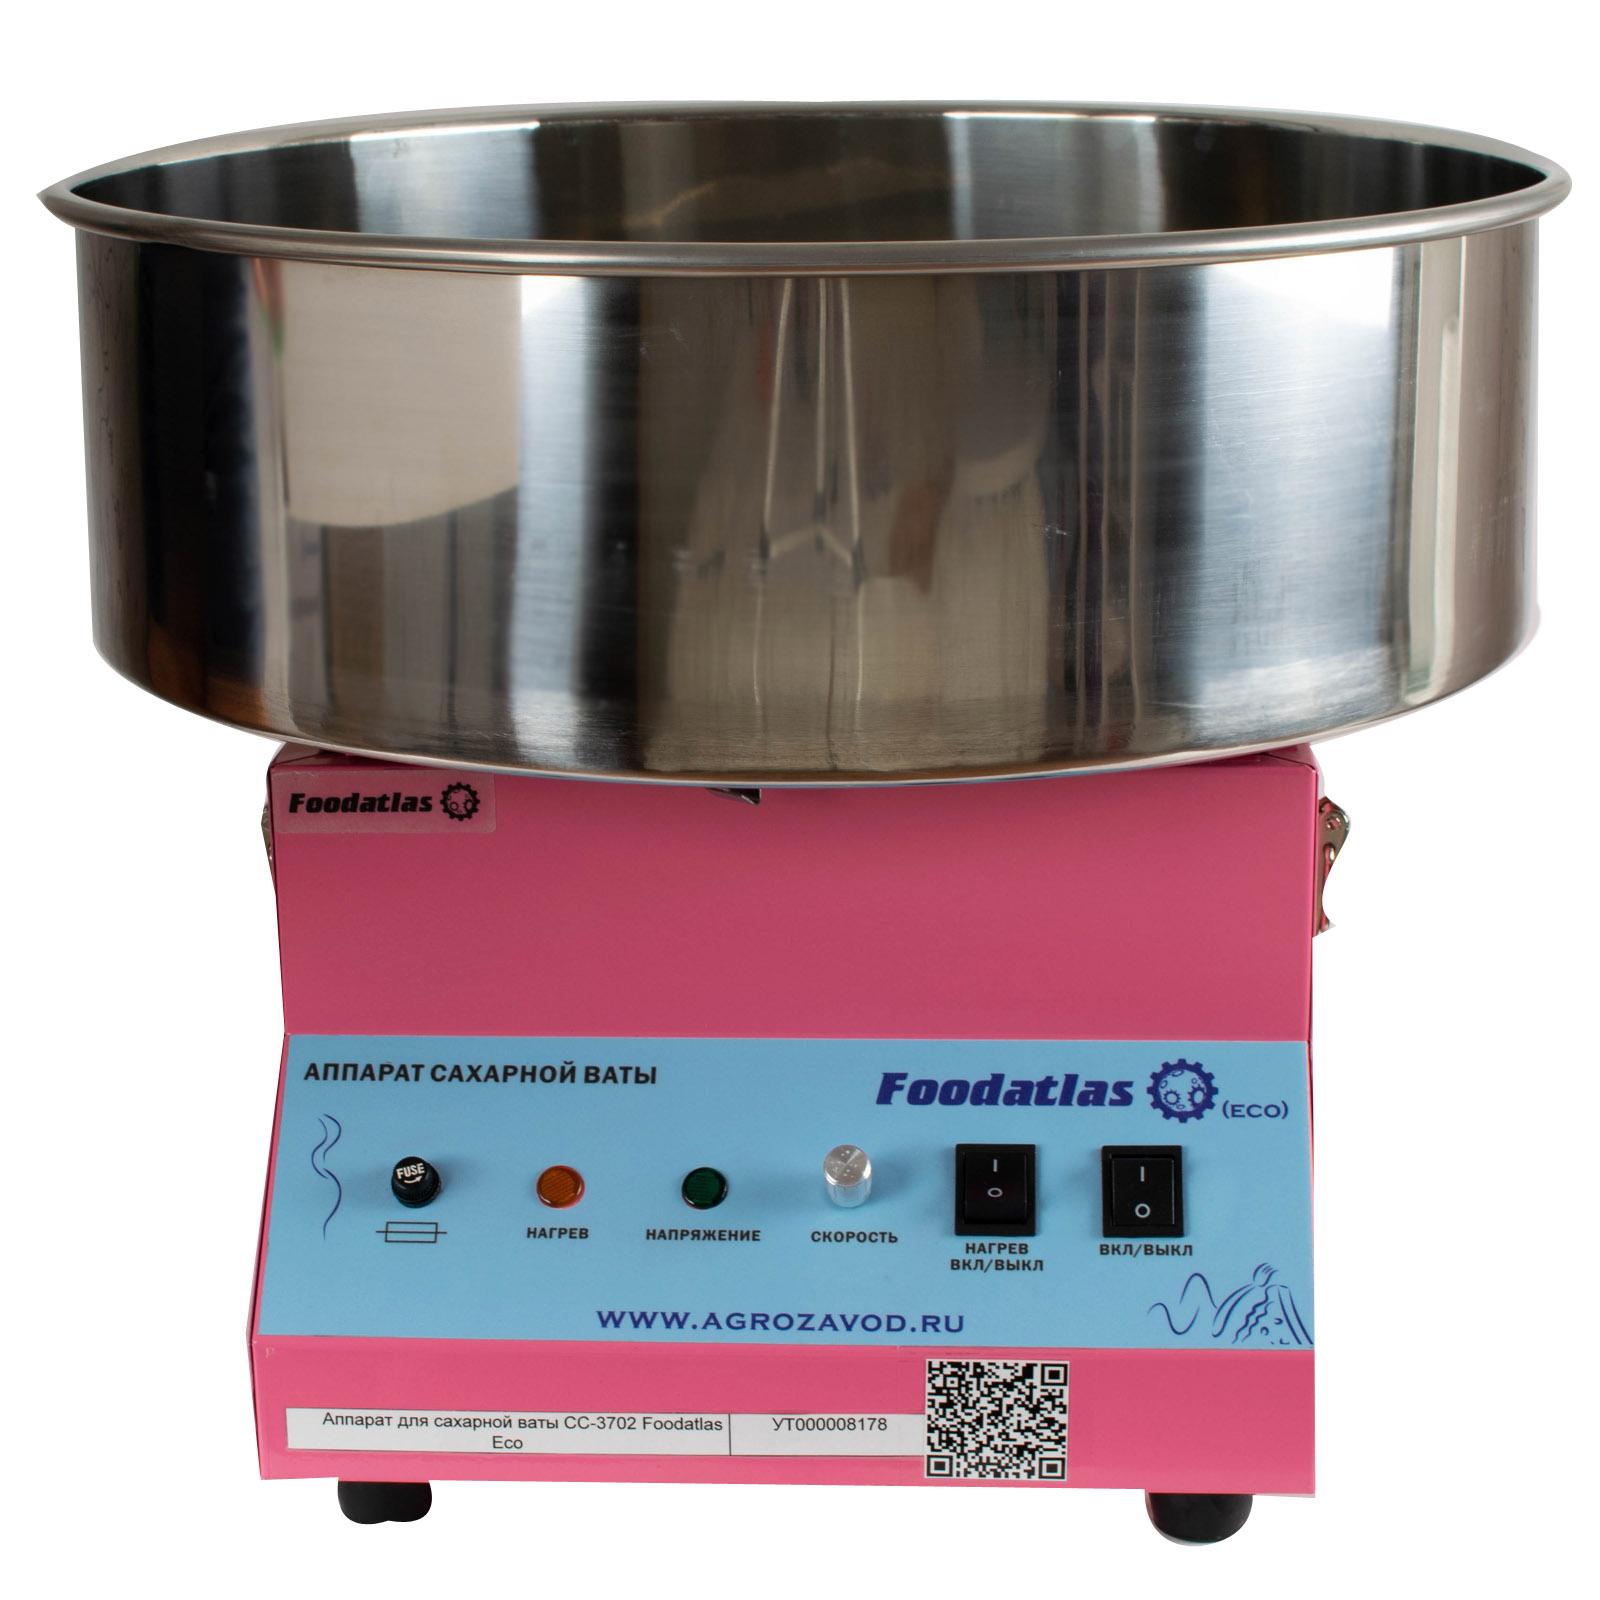 Аппарат для сахарной ваты Foodatlas EcoCC 3702